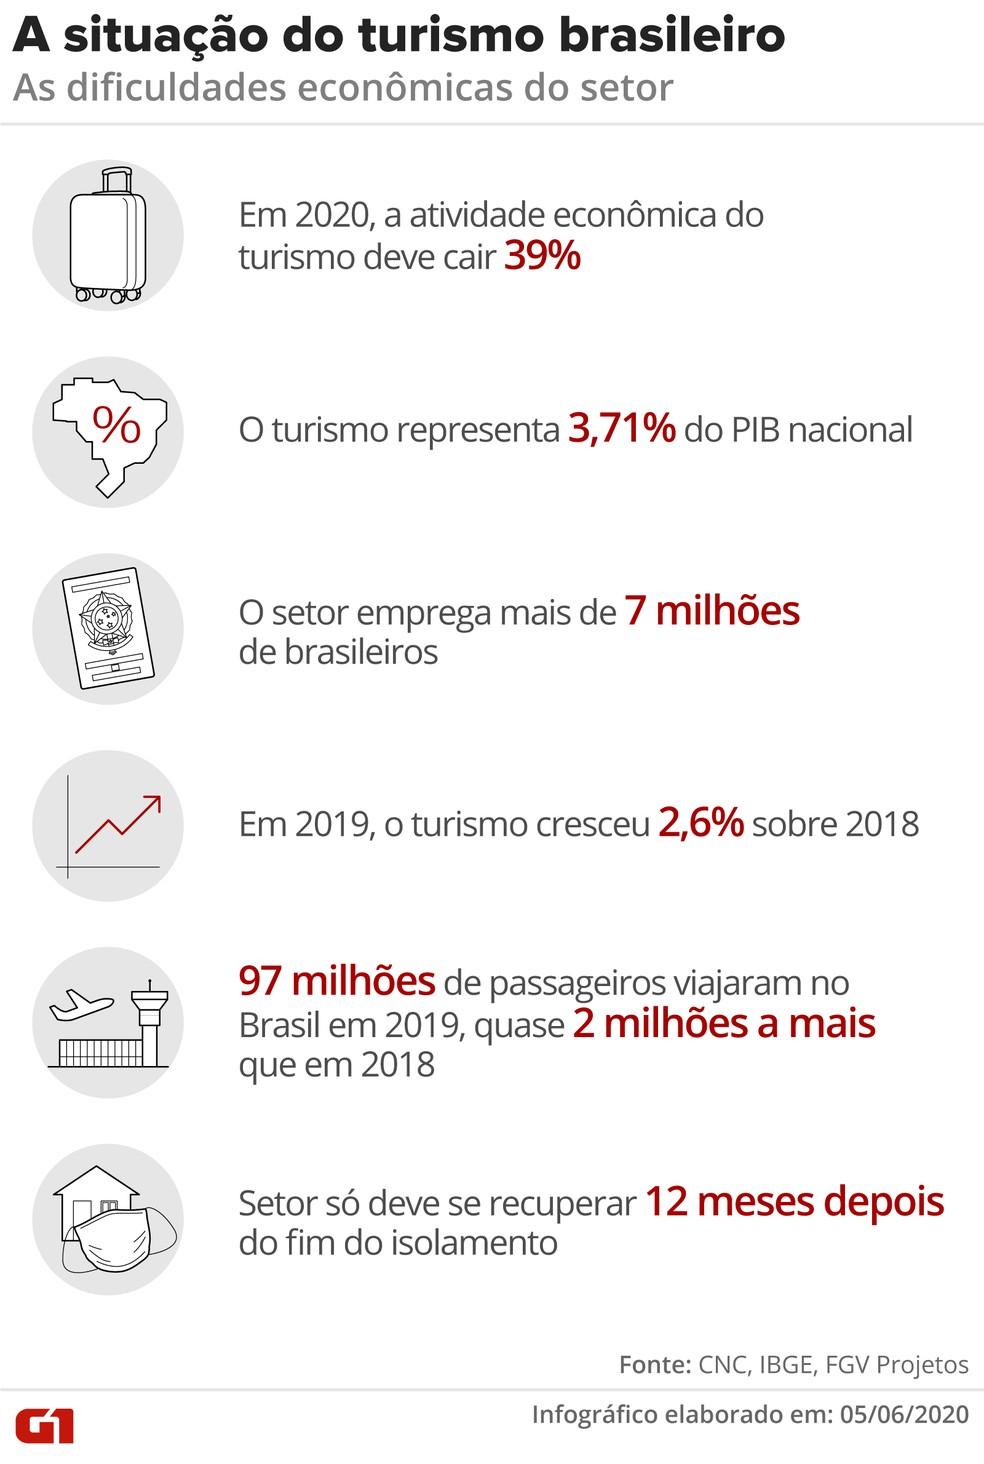 situacao turismo brasileiro